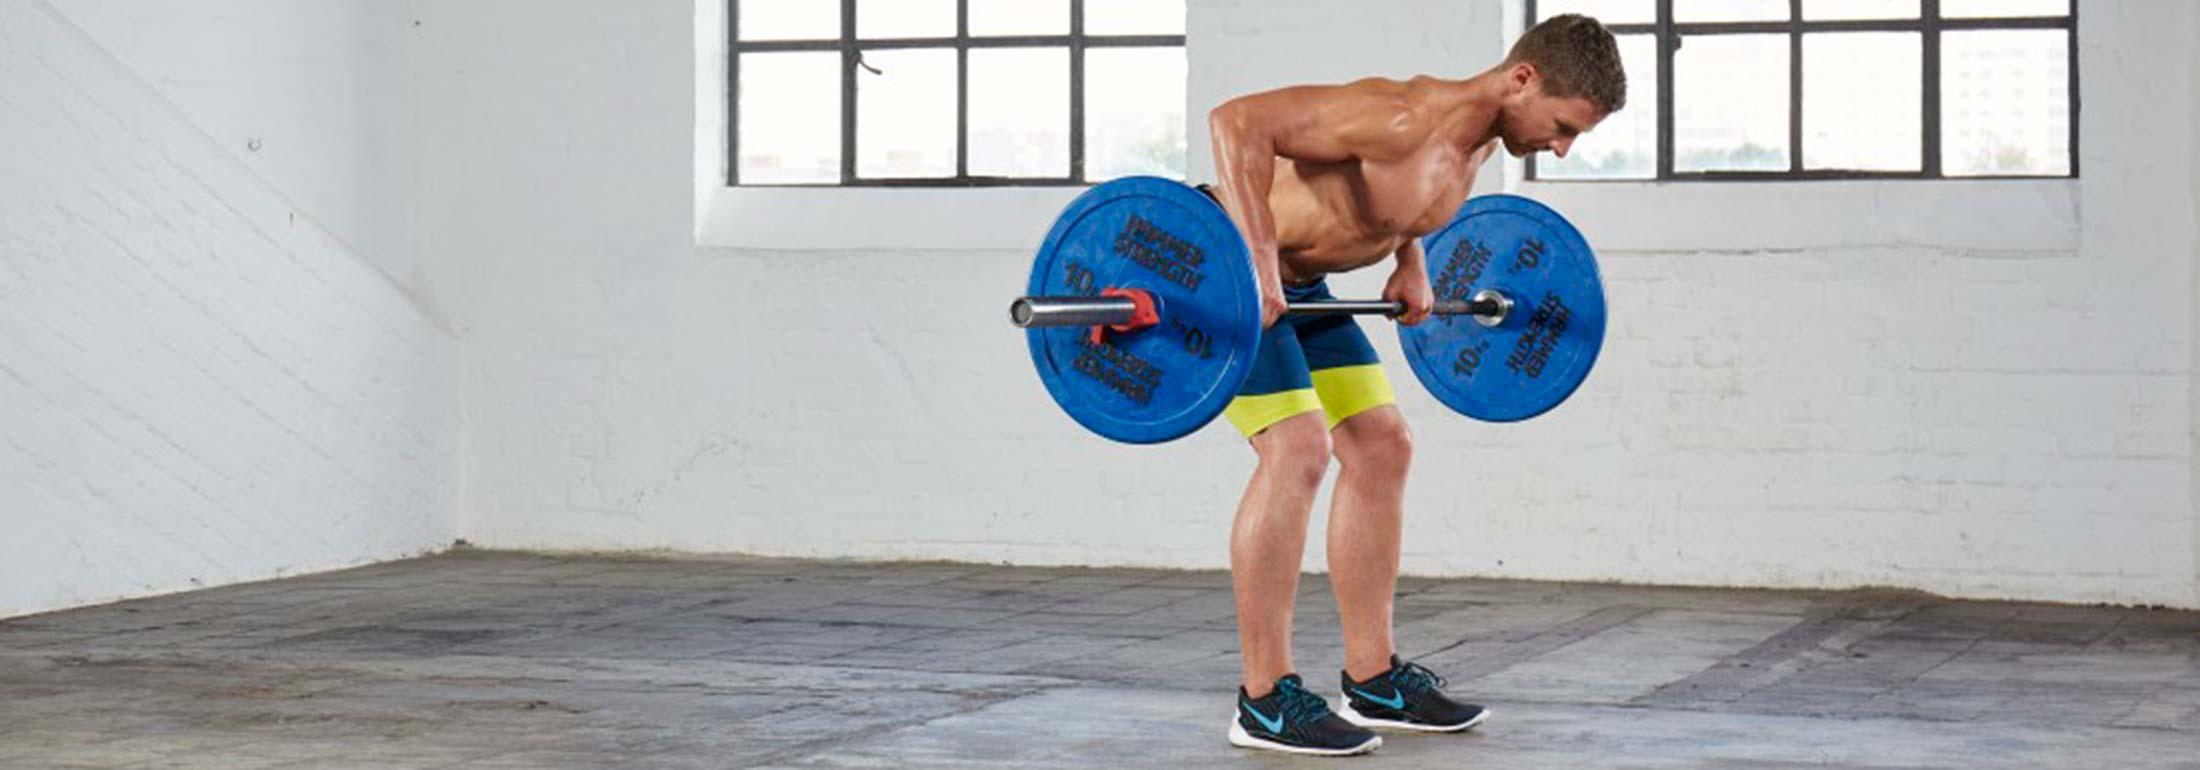 Muskelaufbau Übungen: Rudern mit der Langhantel